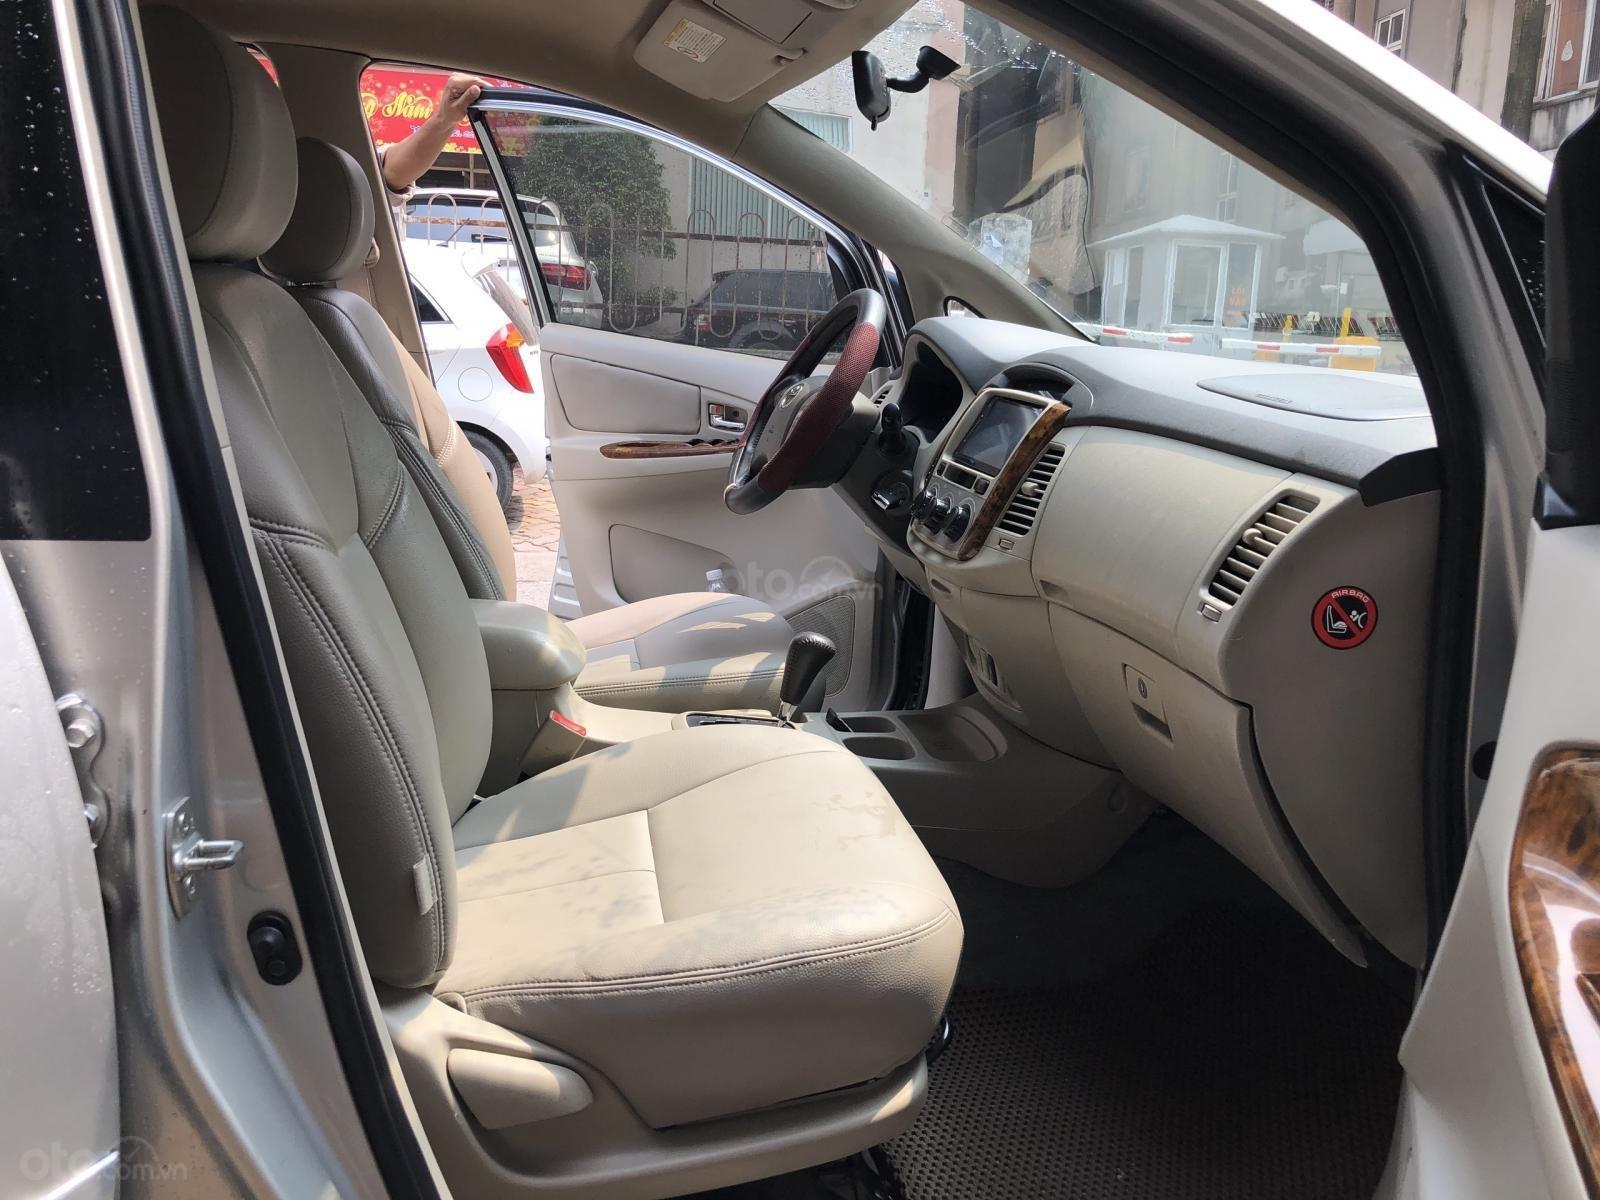 Long Auto bán xe Toyota Innova đời 2012 số tự động bản G giá 410tr (7)